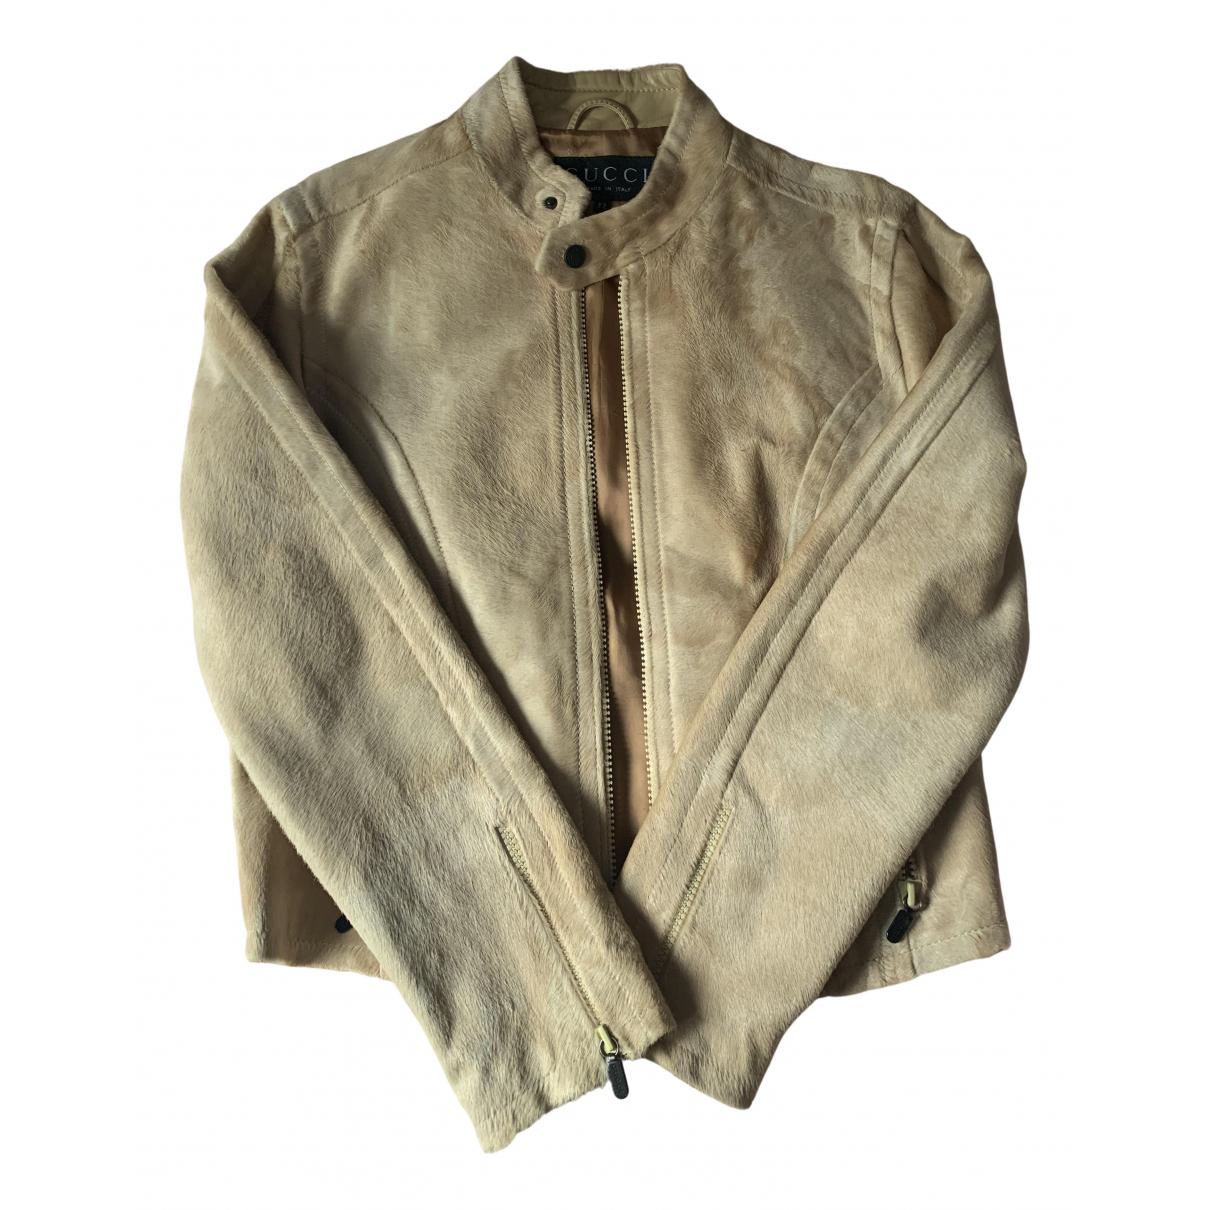 Gucci - Veste   pour femme en cuir - beige